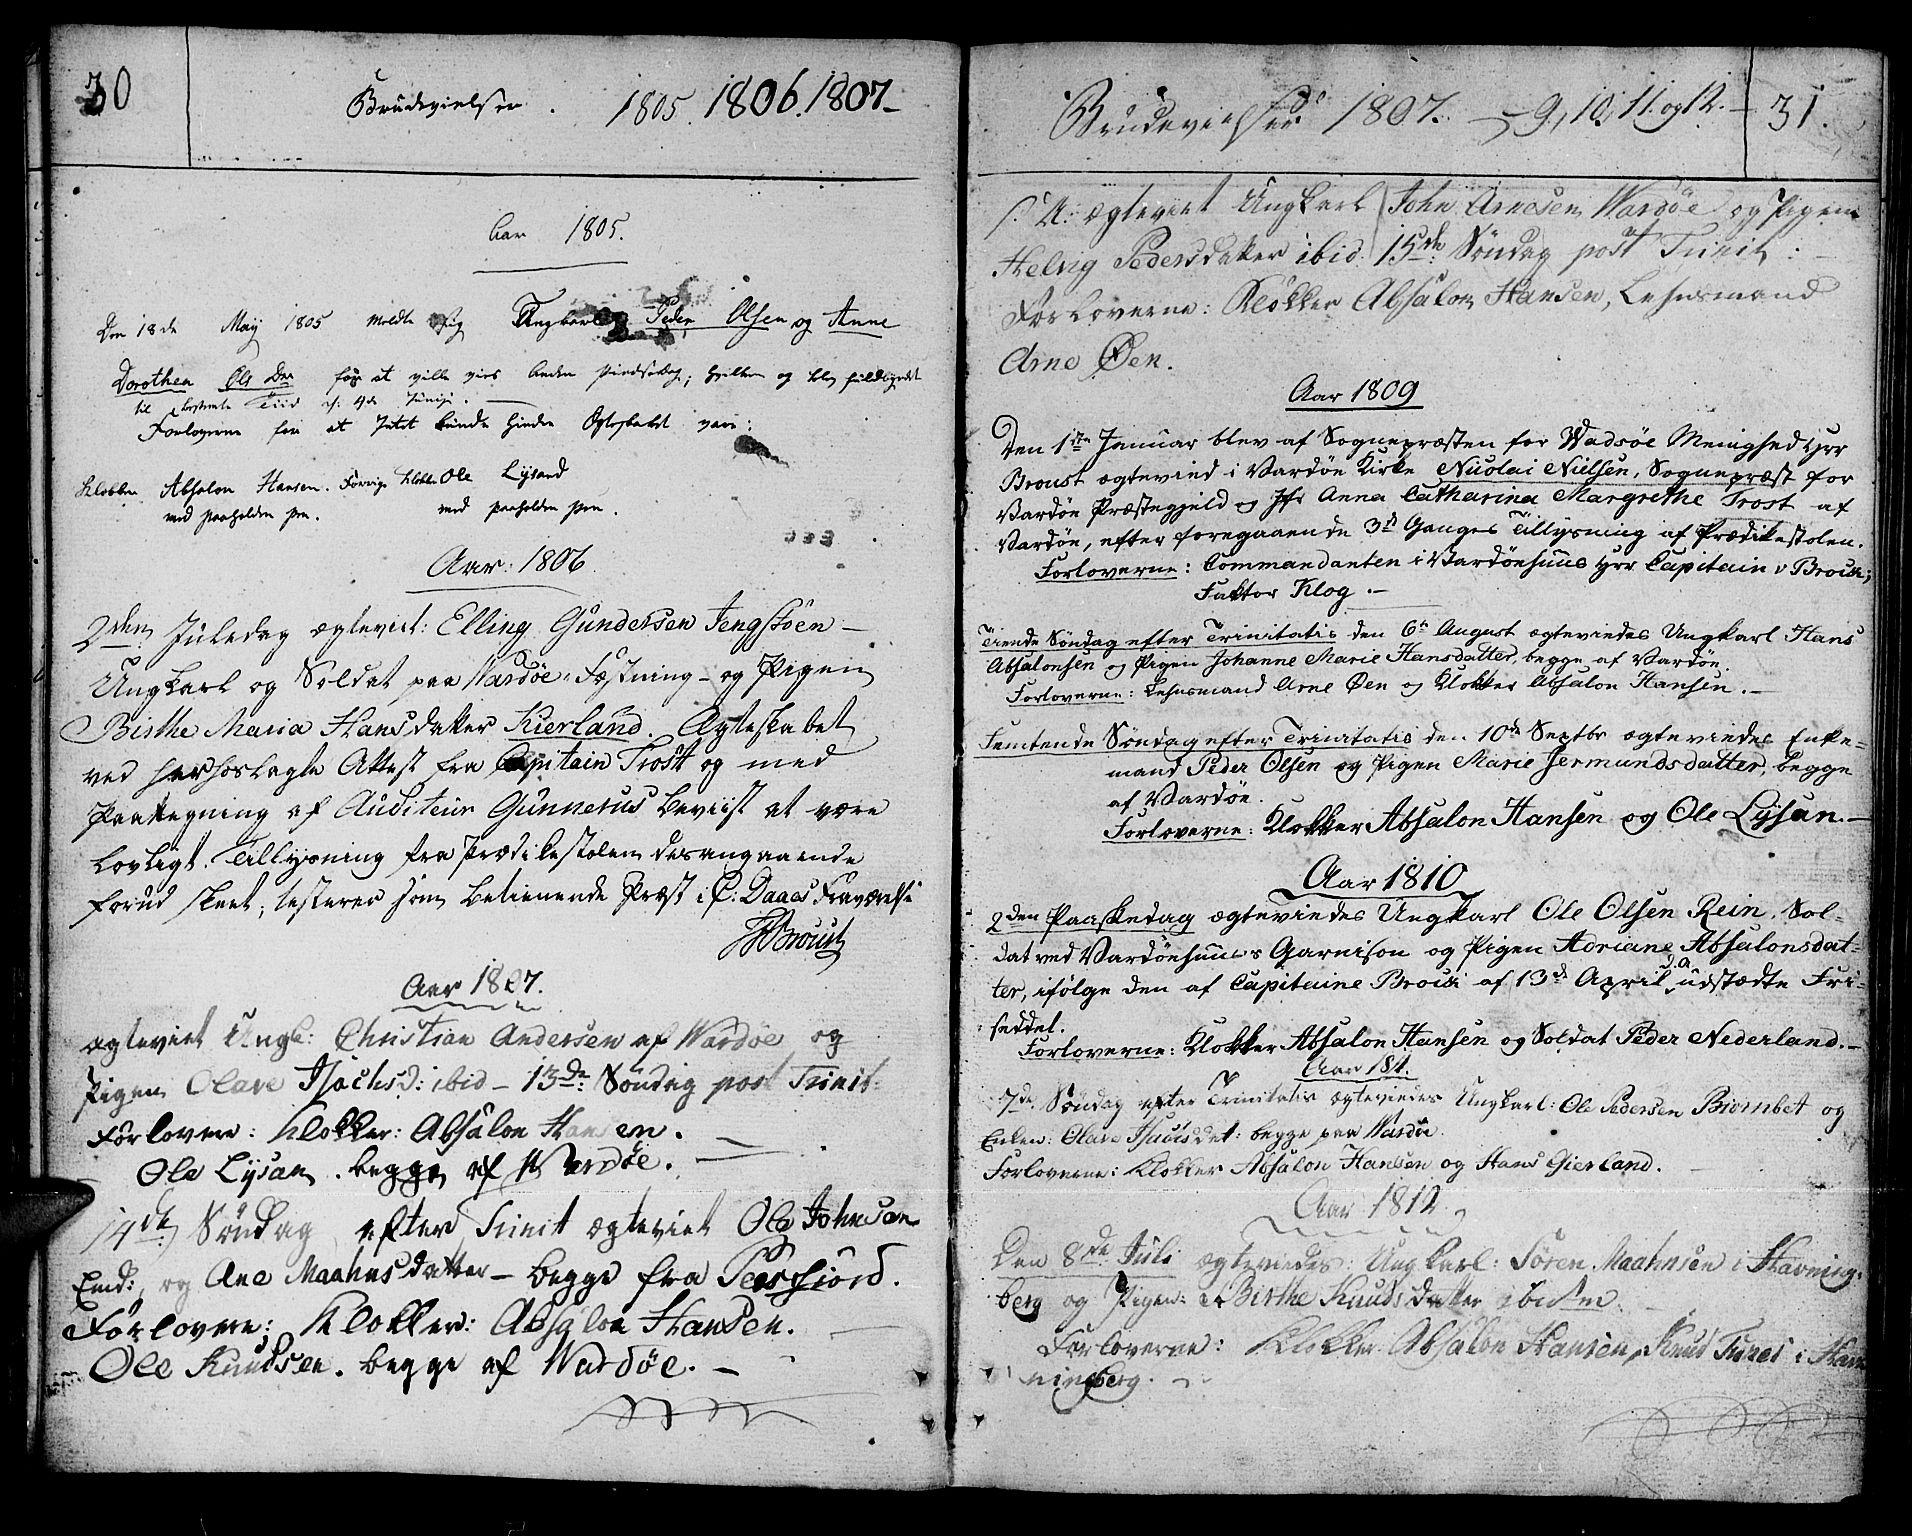 SATØ, Vardø sokneprestkontor, H/Ha/L0002kirke: Ministerialbok nr. 2, 1805-1842, s. 30-31